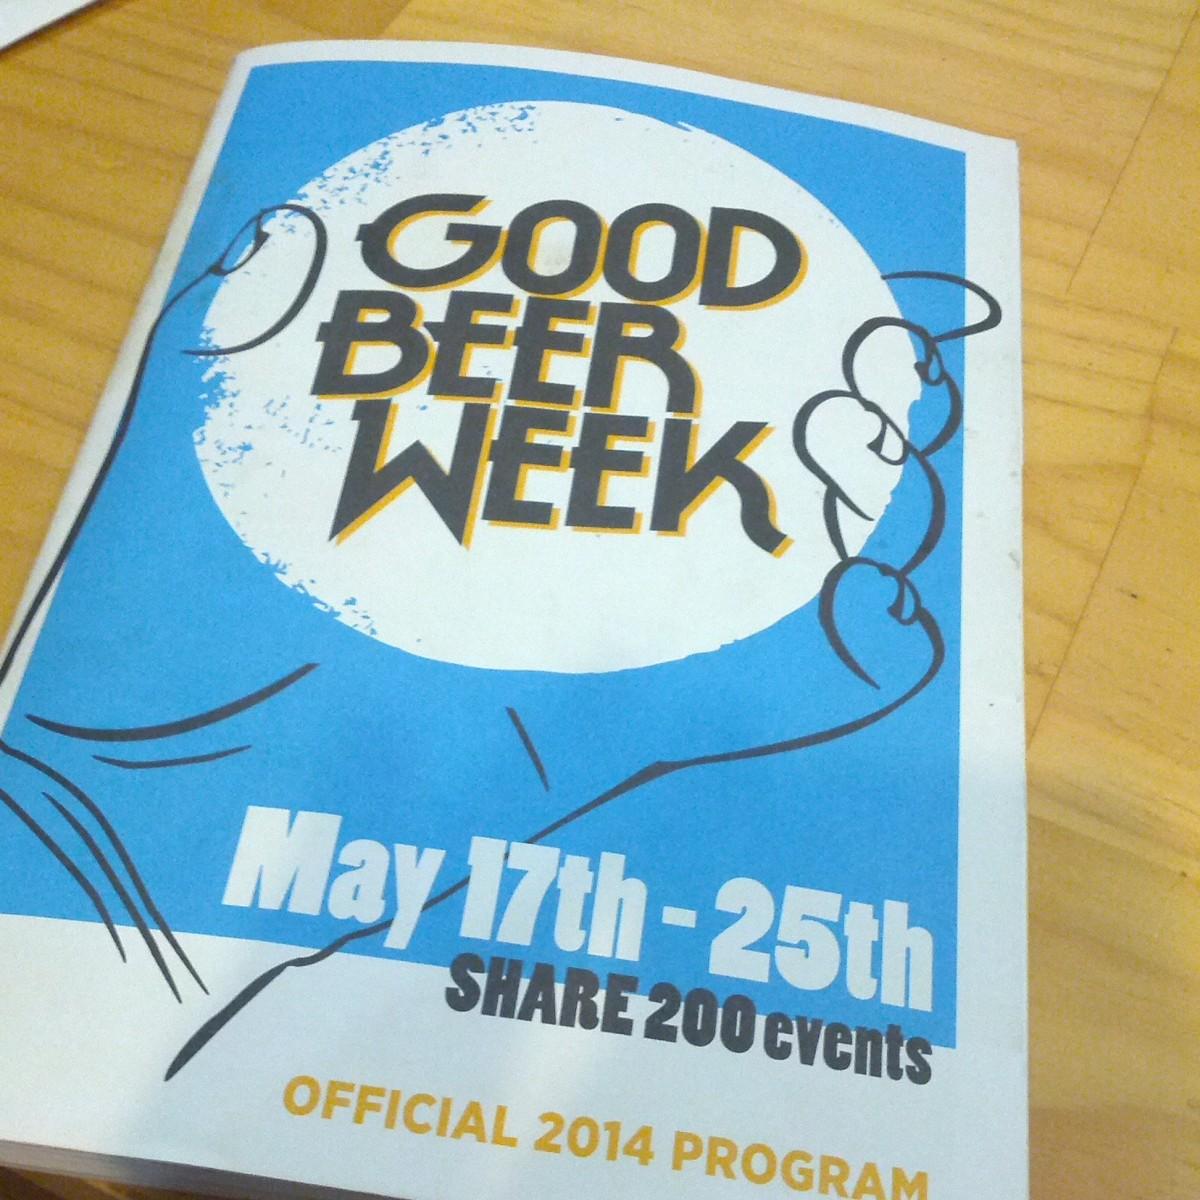 Good Beer Week2014